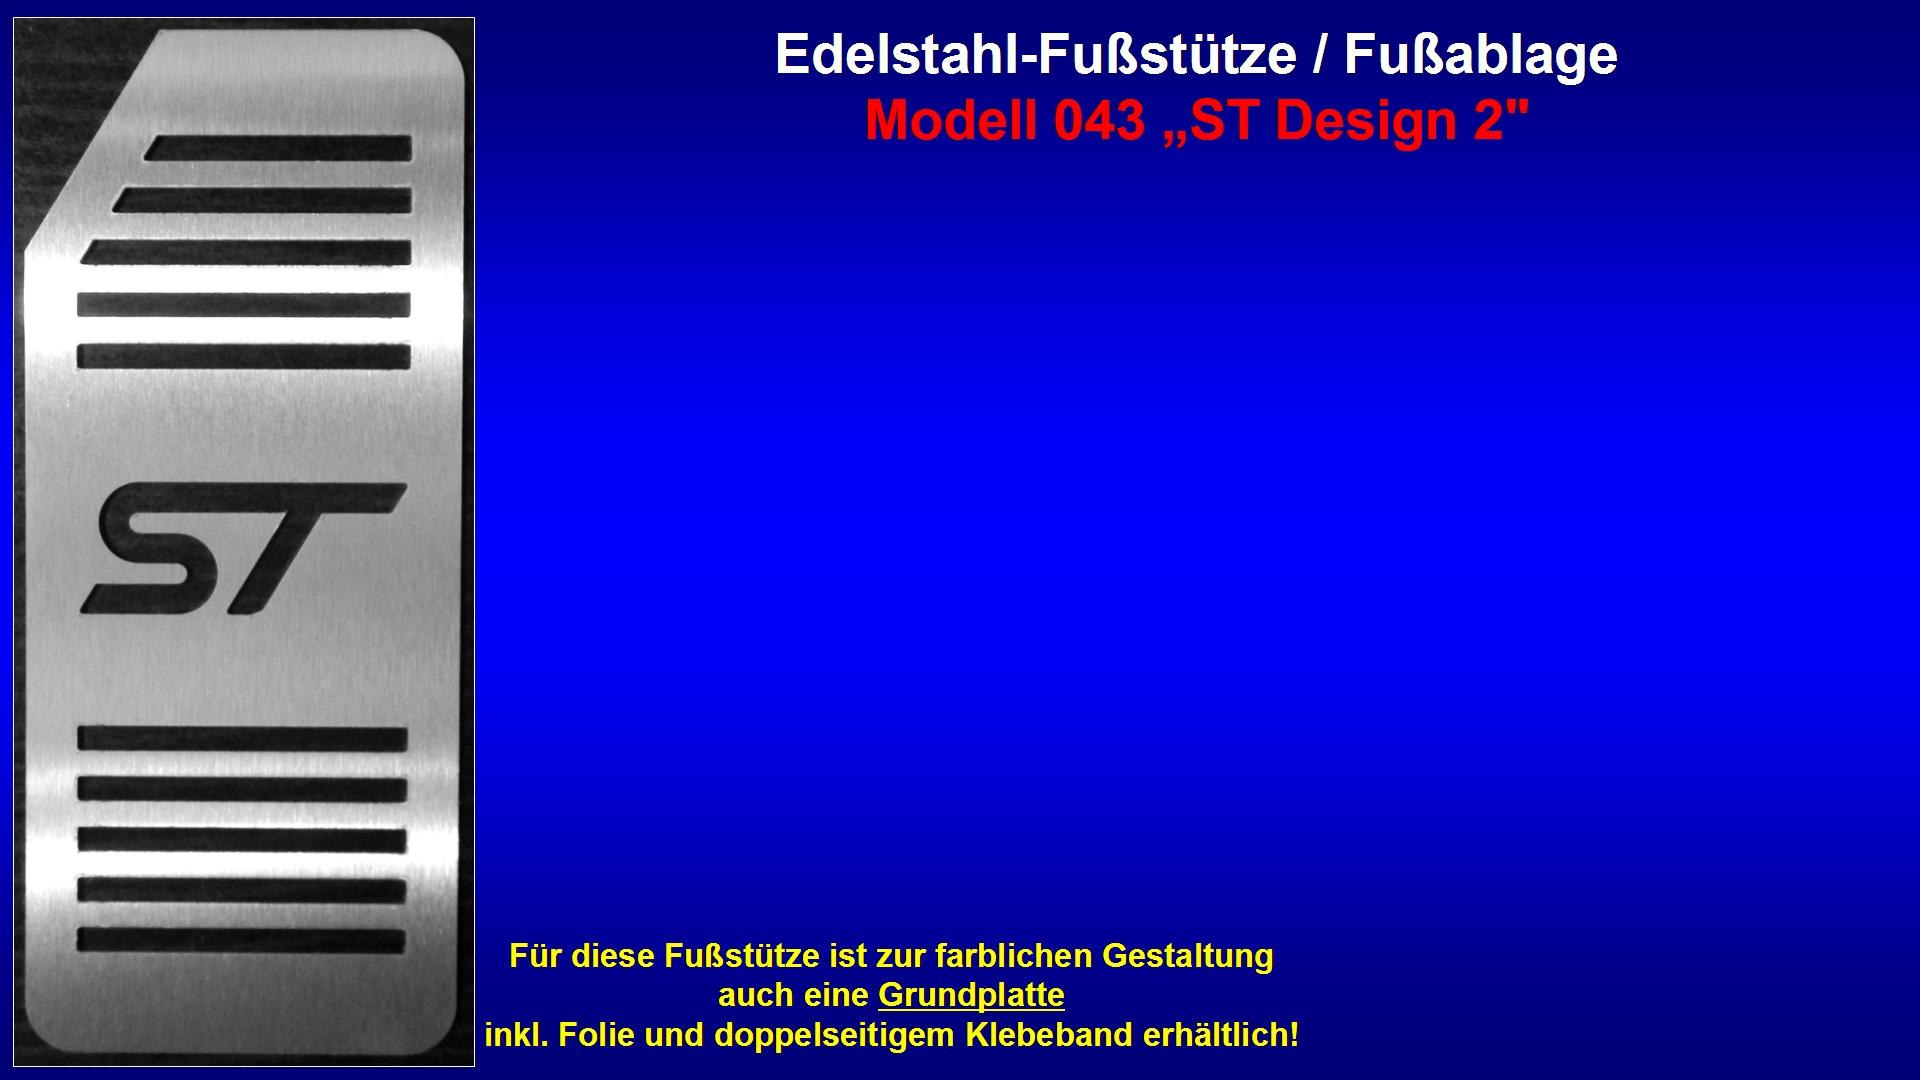 Präsentation Edelstahl-Fußstütze Modell 043 ''ST Design 2'' [ST-Logo].jpg